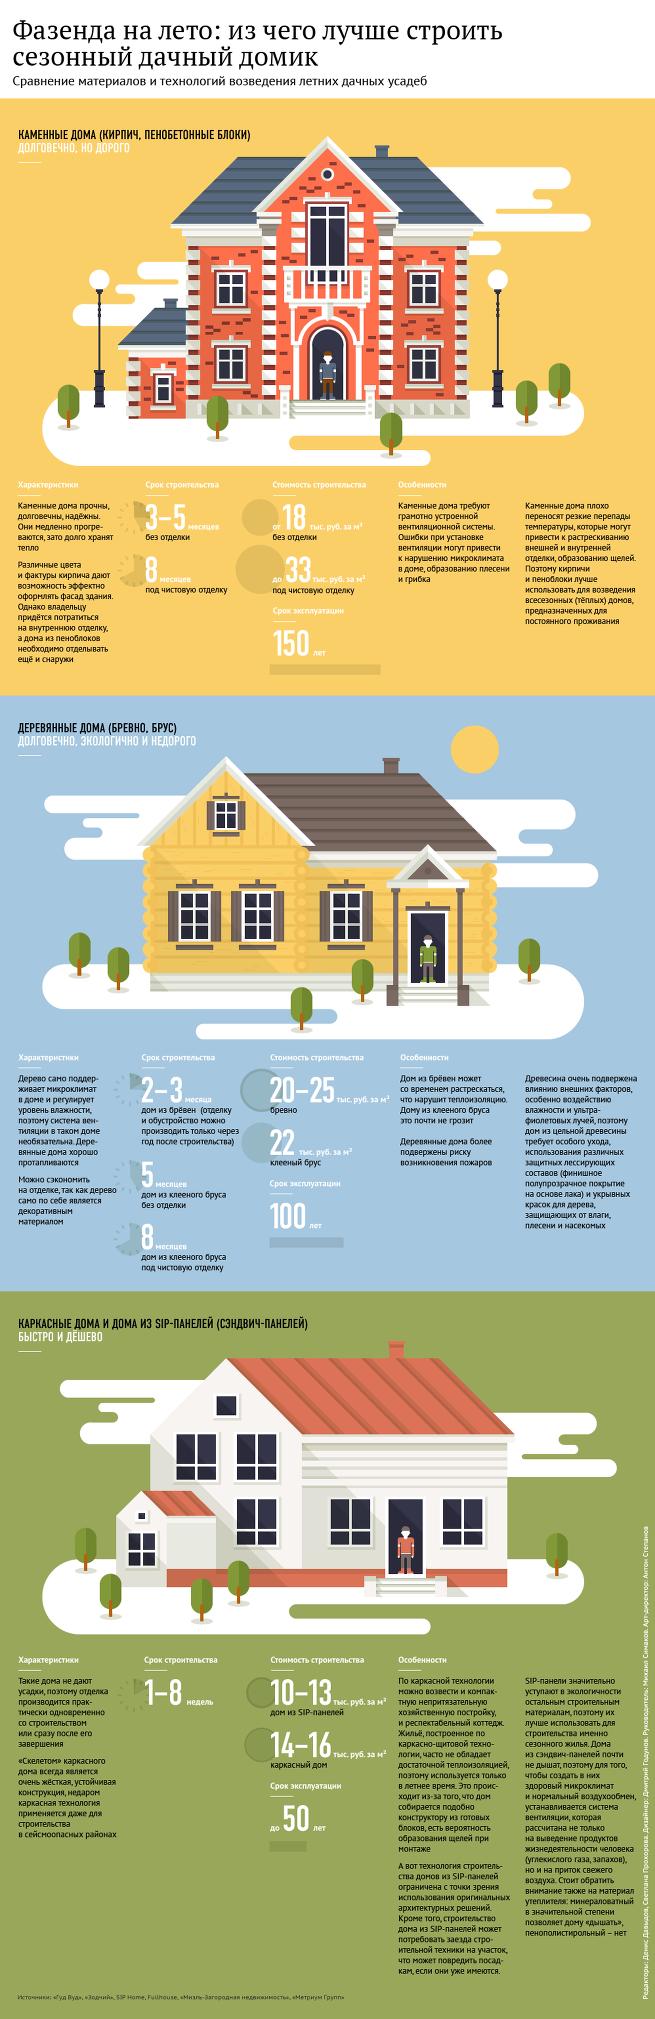 Из чего строить сезонный дачный домик